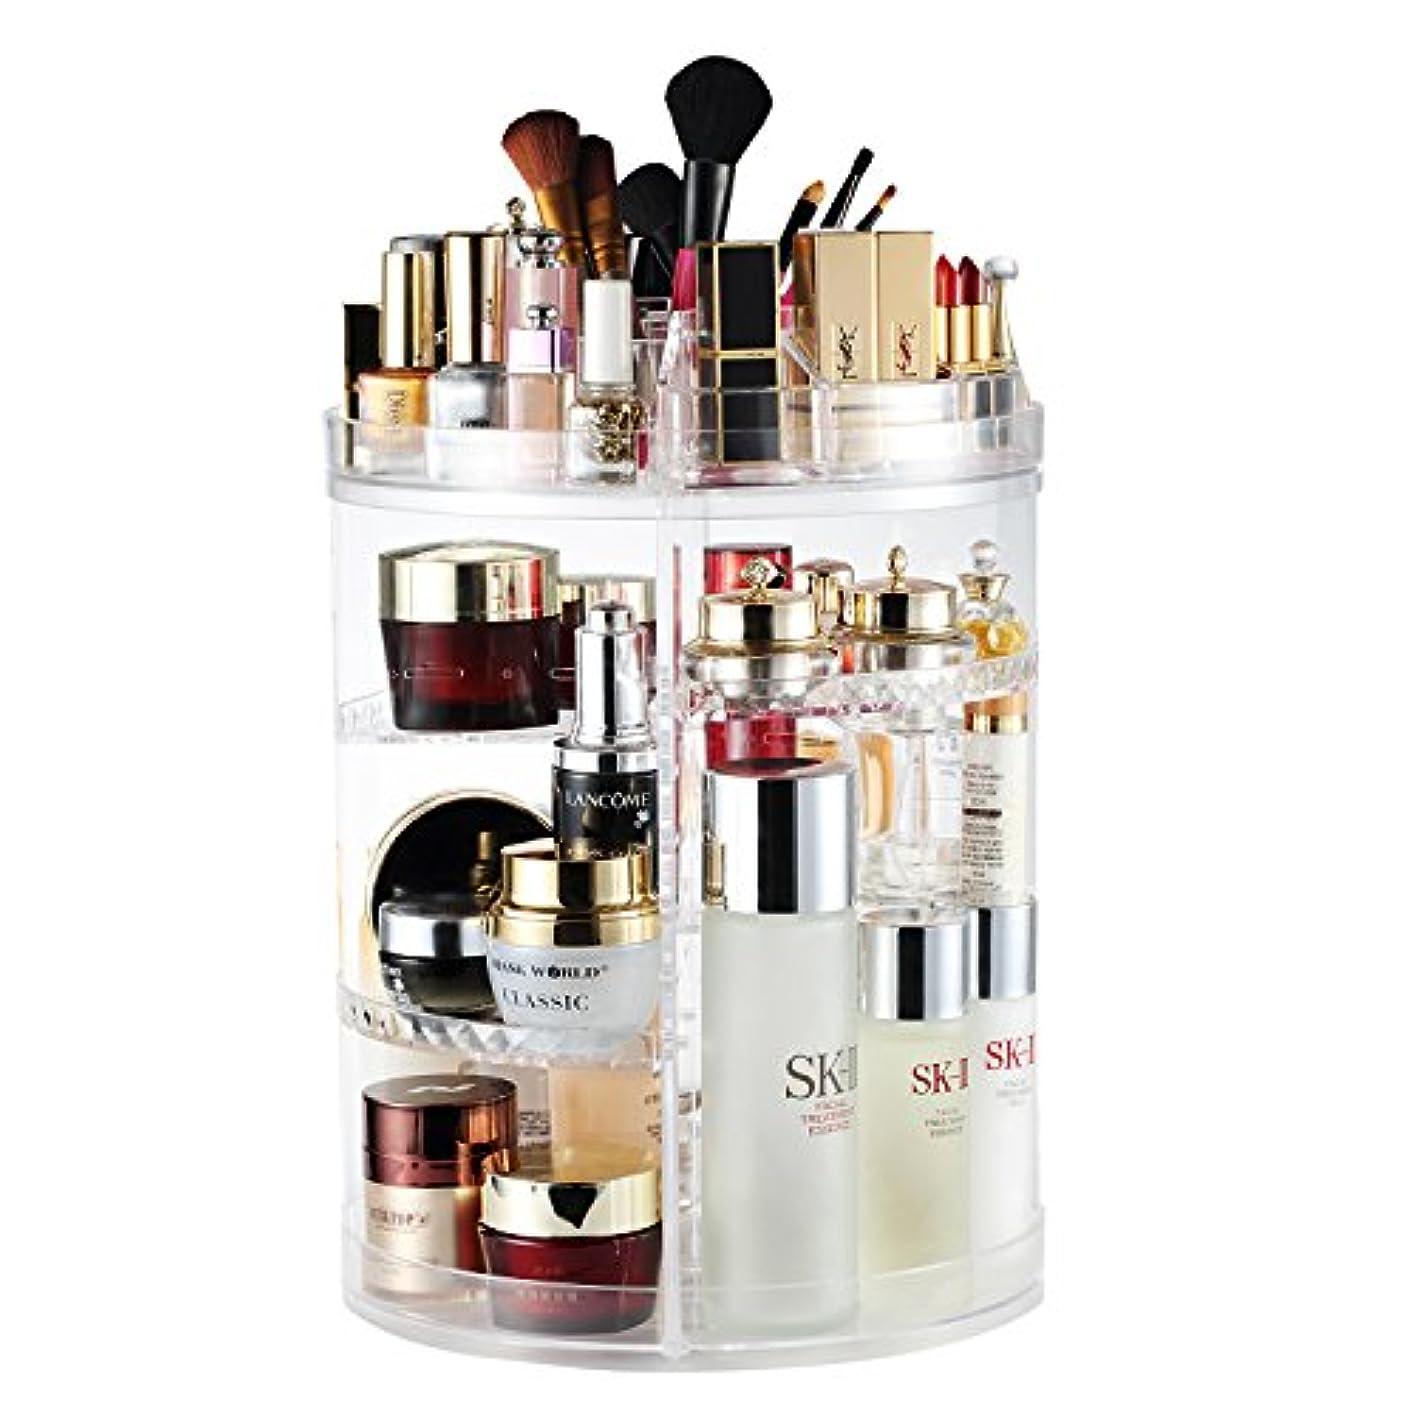 マイルド巻き取り反逆メイクアップオーガナイザー、360 °回転調節可能Cosmetic Storage Display Case with Large容量